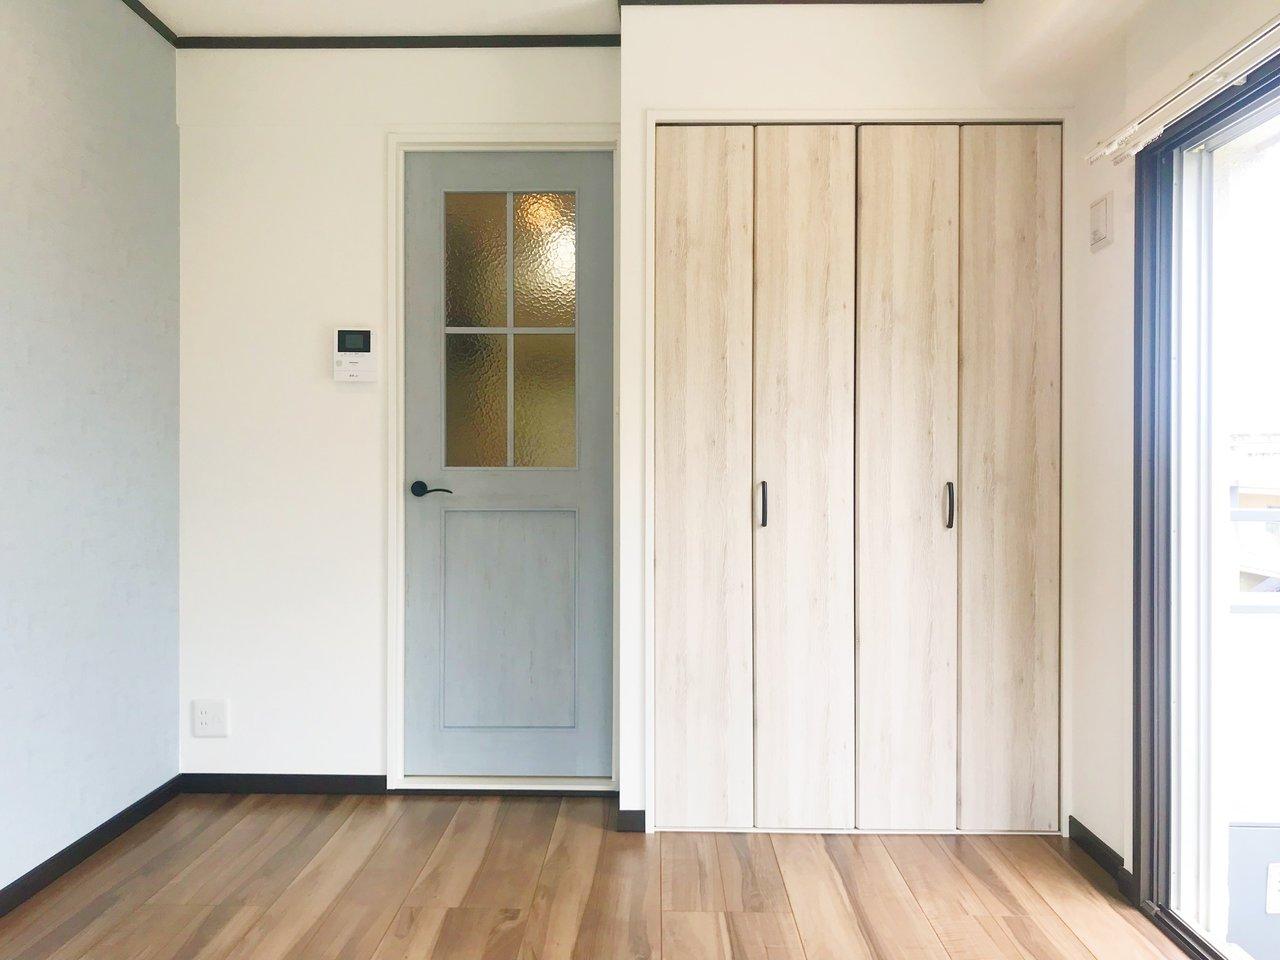 内装もとってもすてき。壁紙やドアなど、優しい色合いのデザインで統一されているので、インテリアもナチュラルなものが合いそうですね。